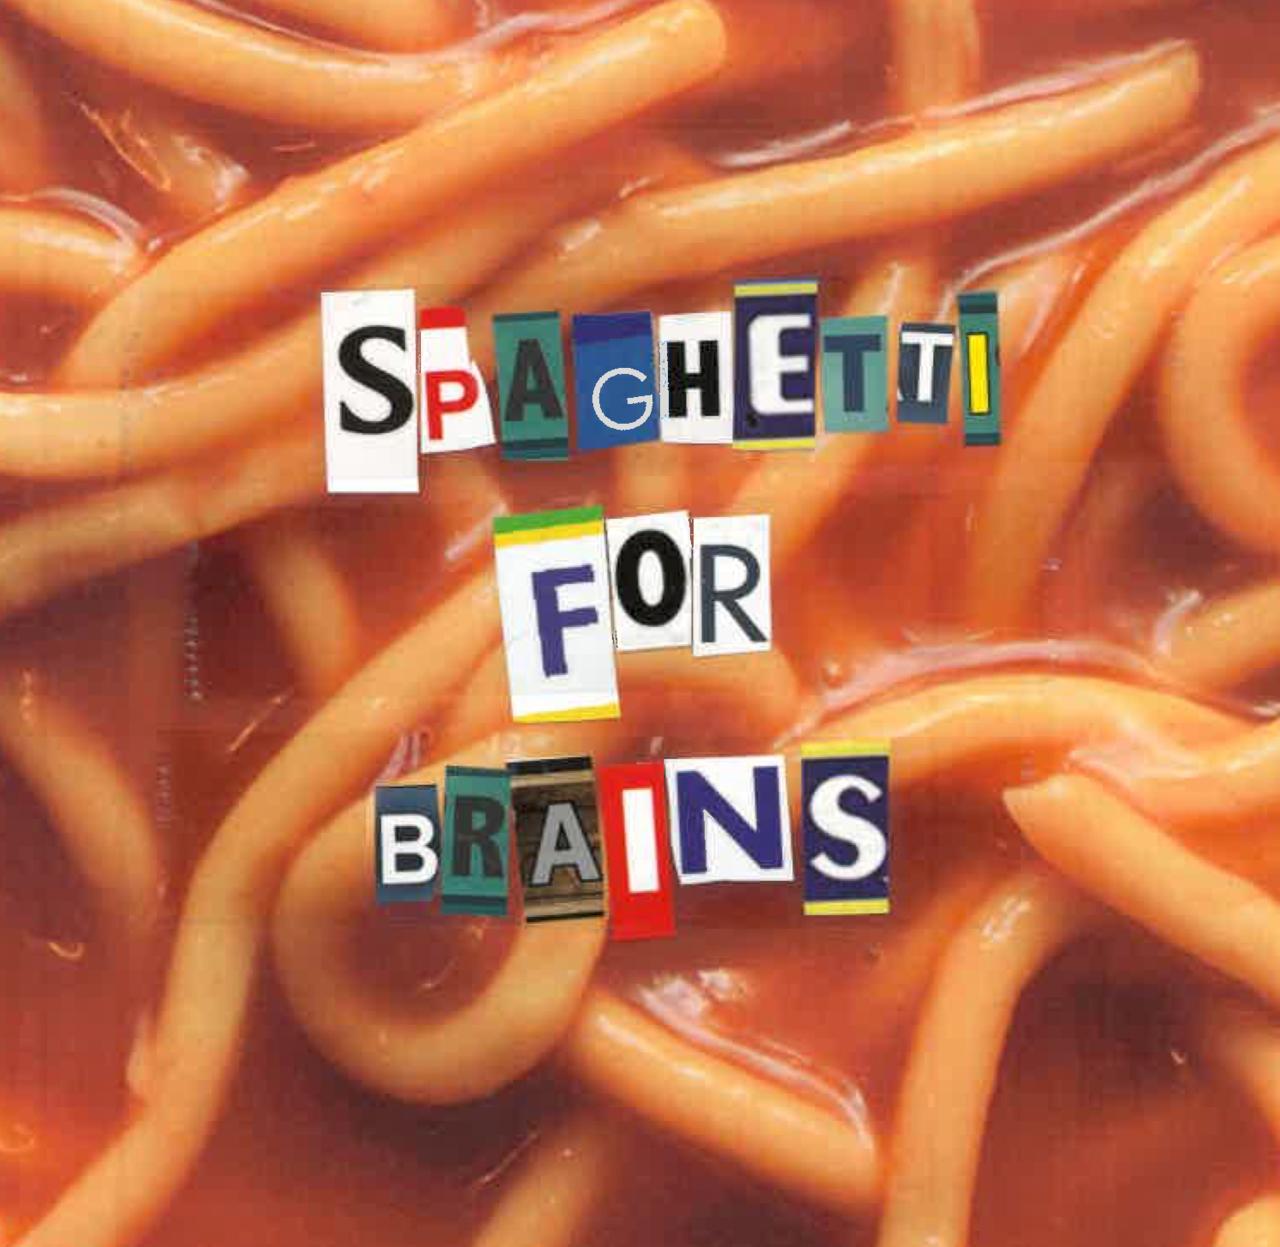 Spaghetti For Brains Newsletter